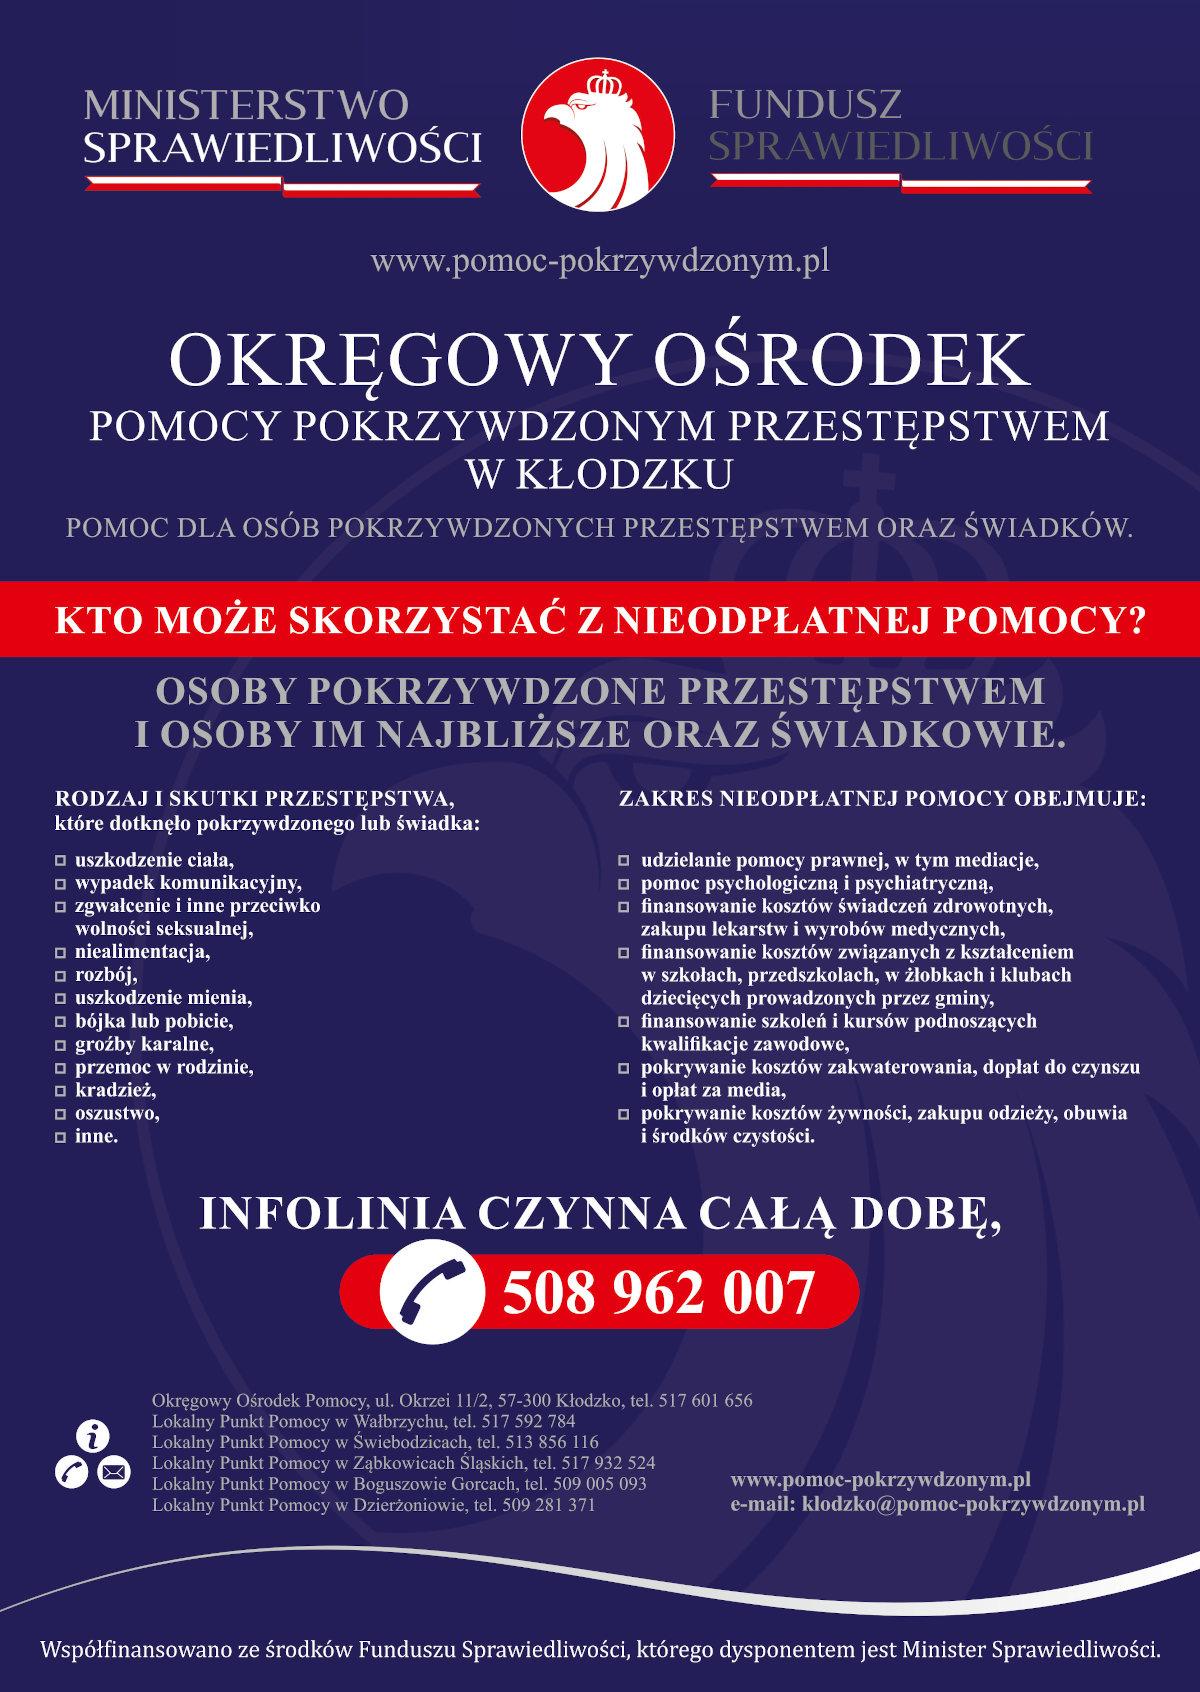 Pomoc dla osób pokrzywdzonych